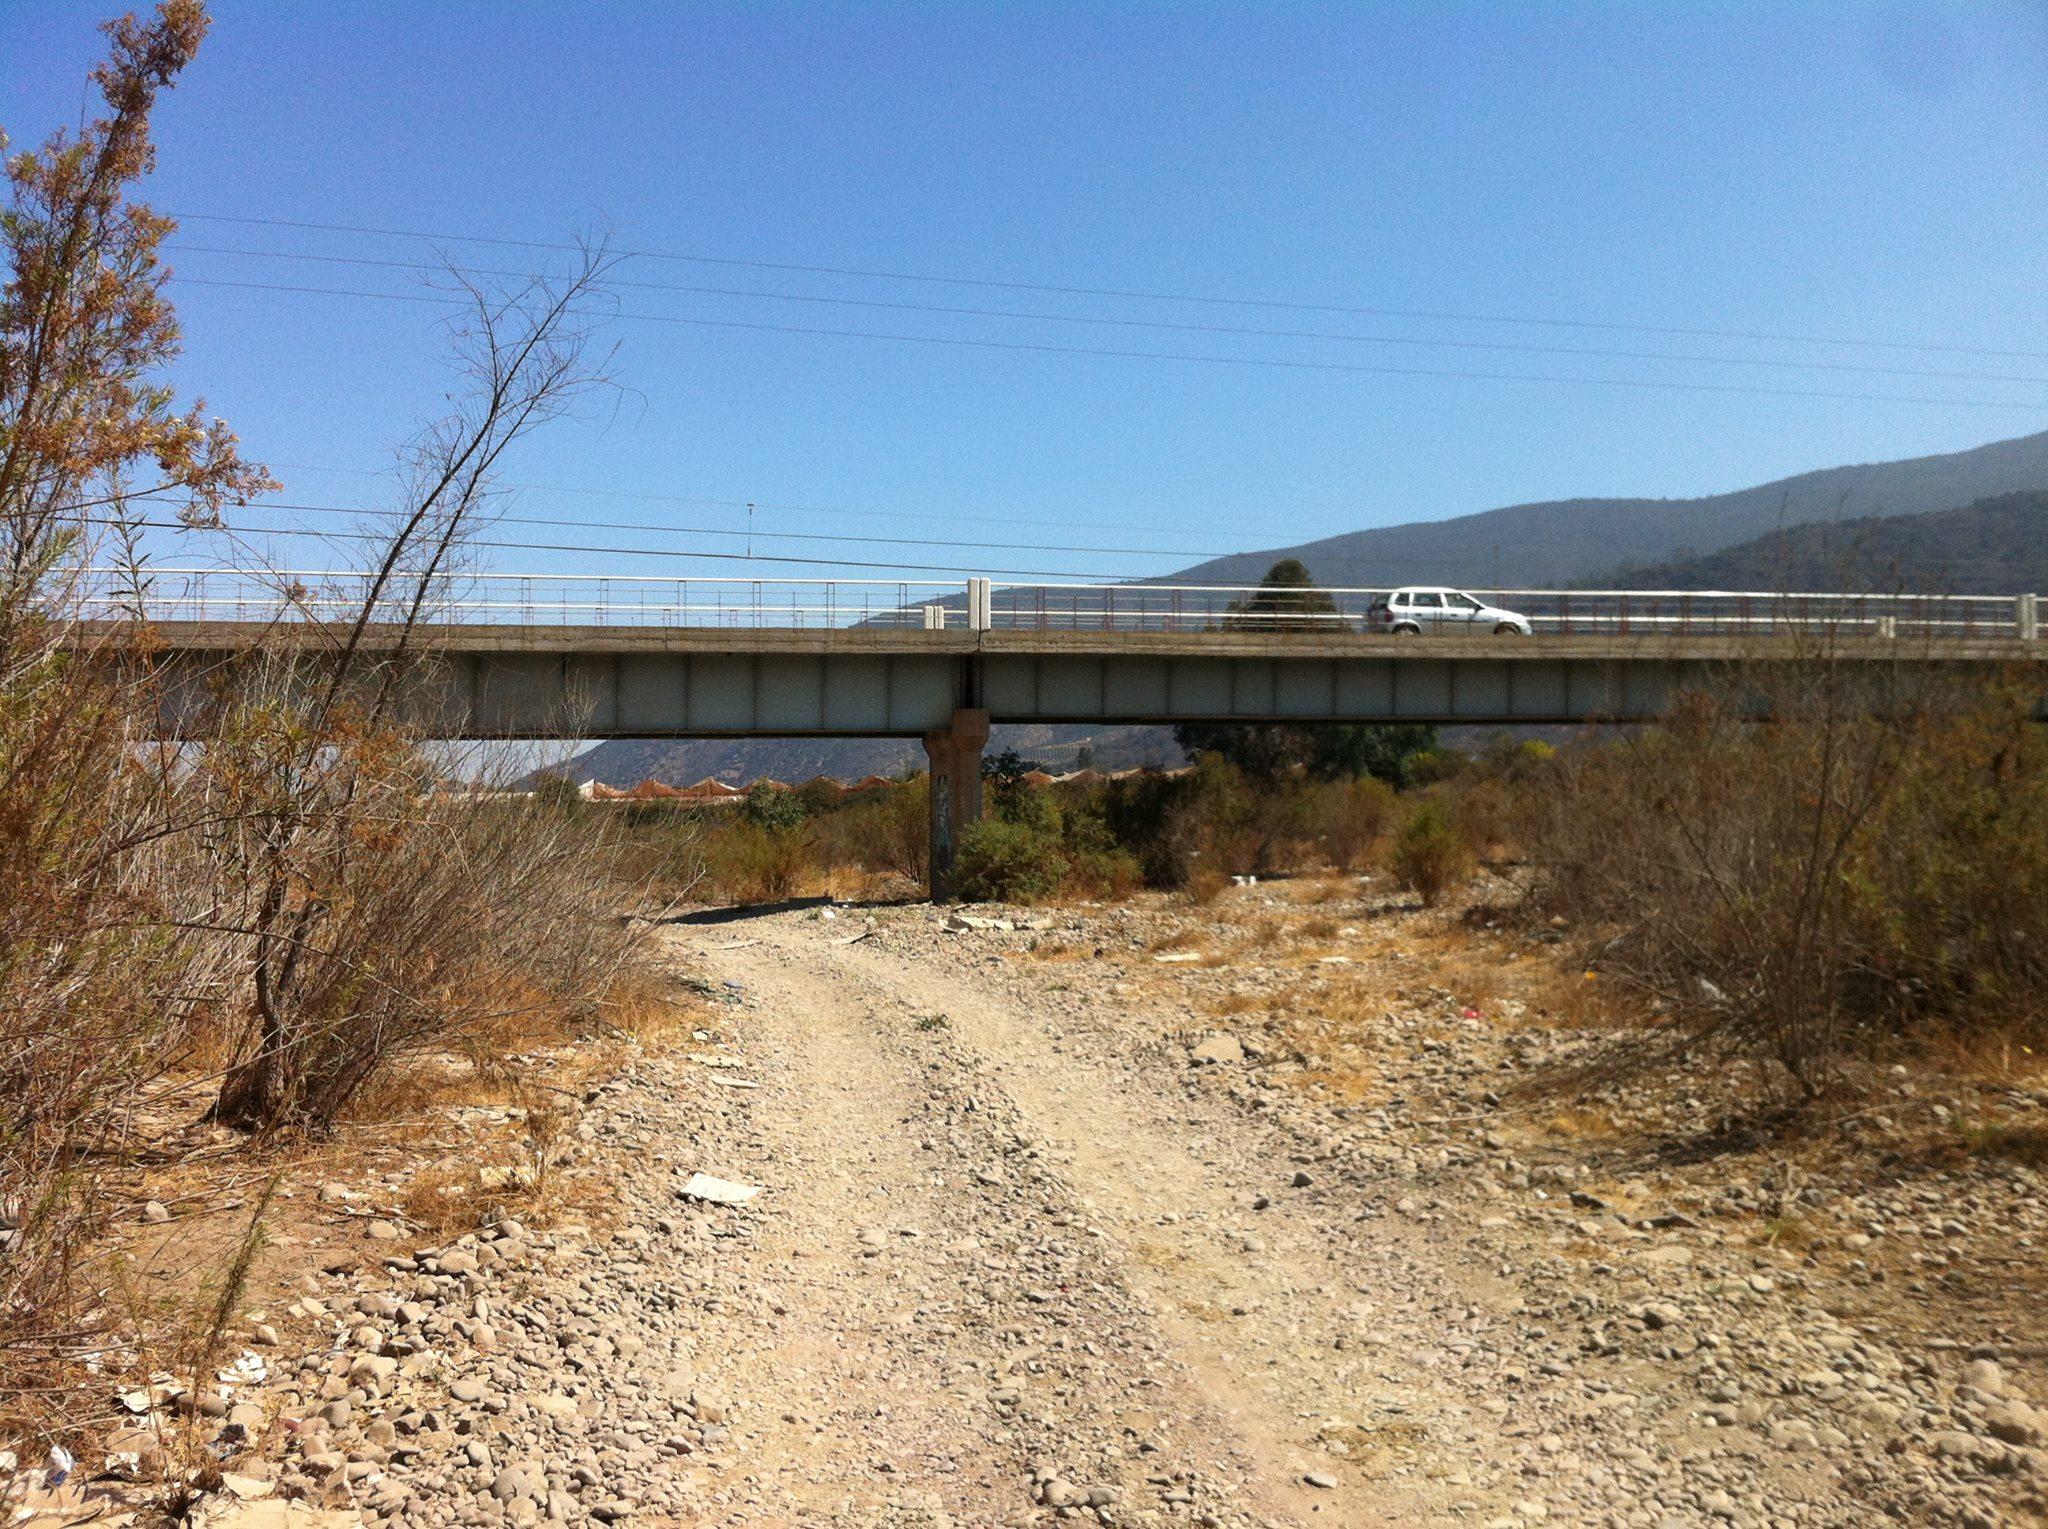 La cuenca del Río Petorca, otrora fuente de agua para toda la zona, hoy convertida en camino por donde transitan vehículos.